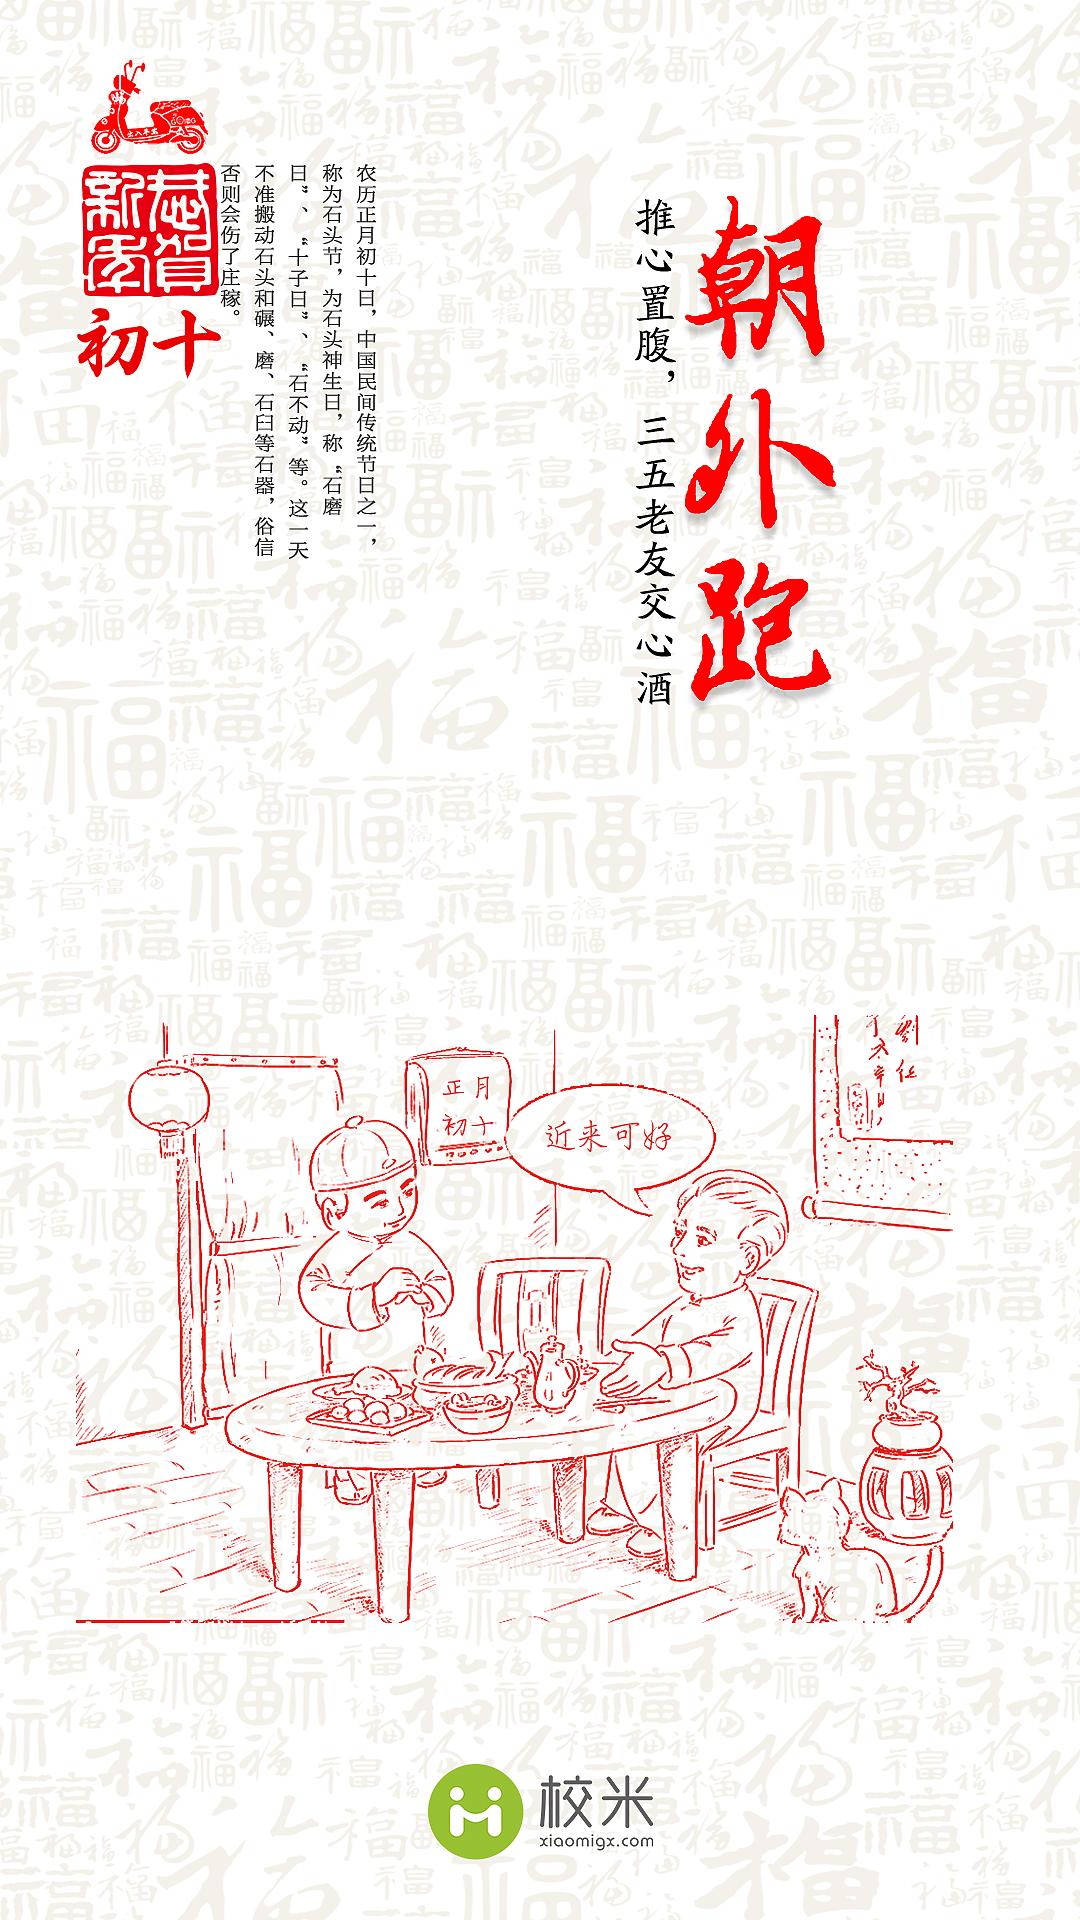 春节初一到十五推广图